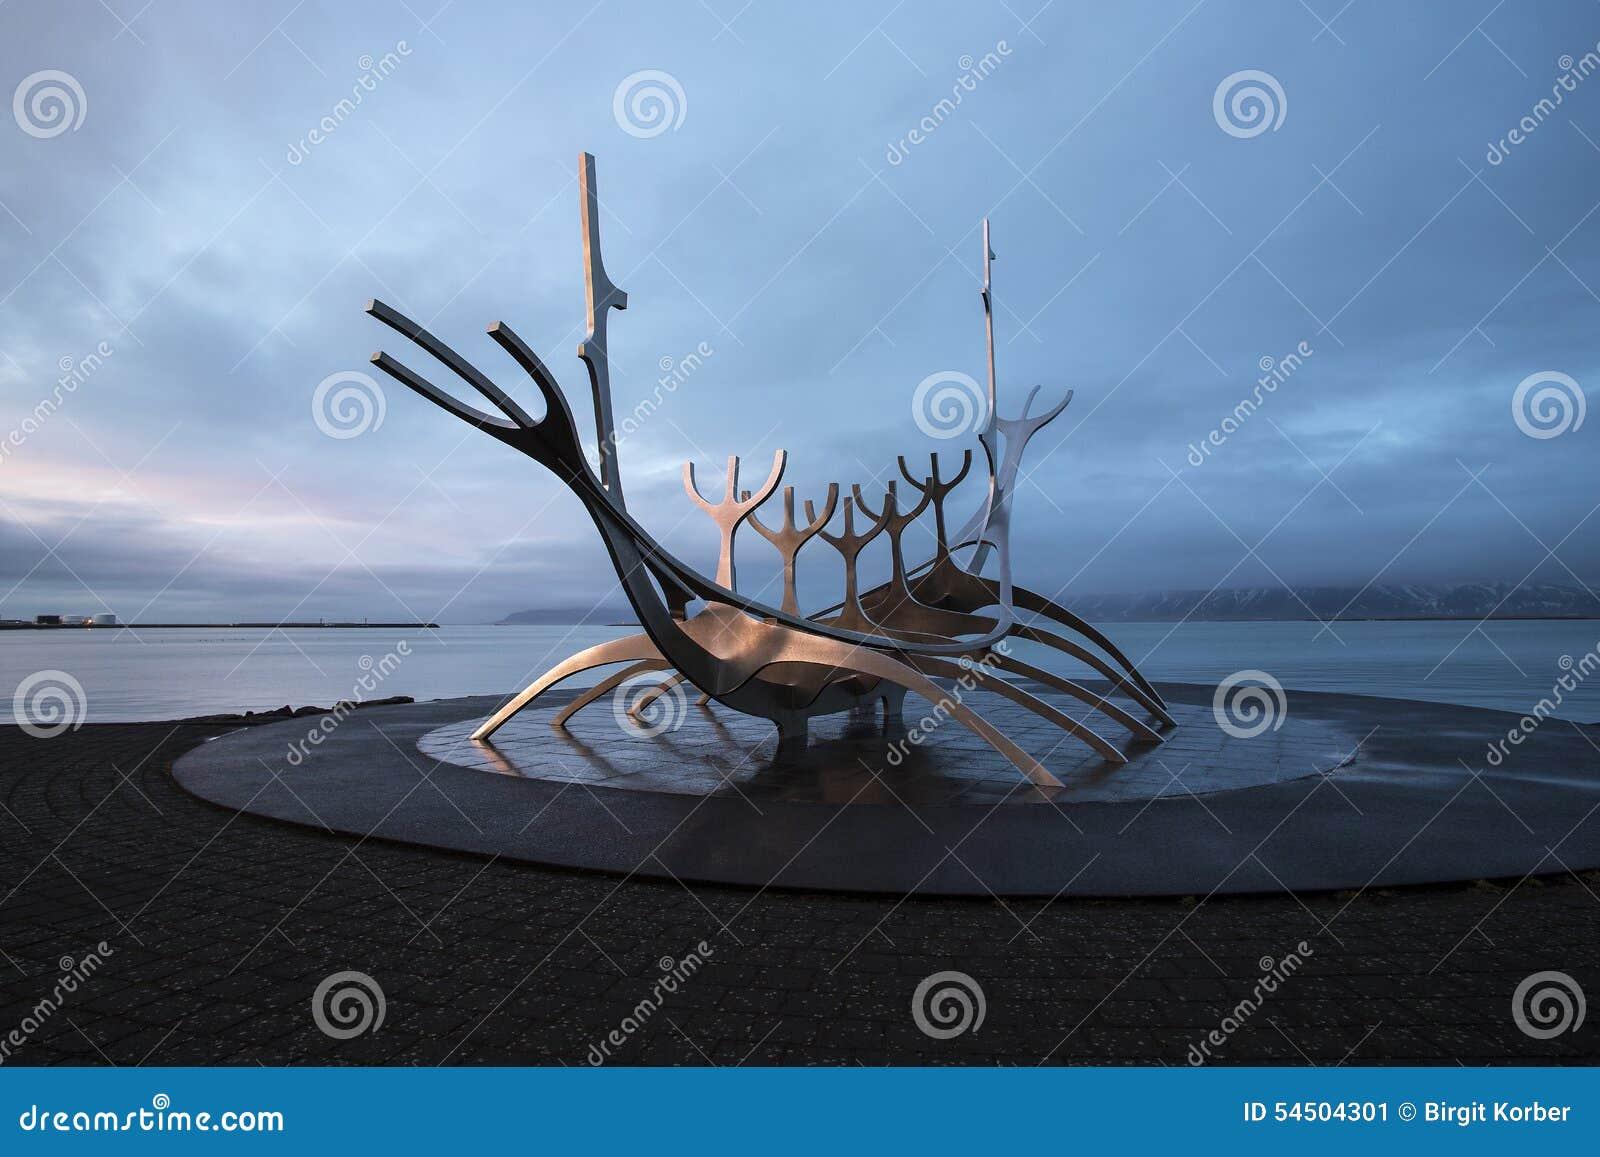 The Sun Voyager à Reykjavik, Islande